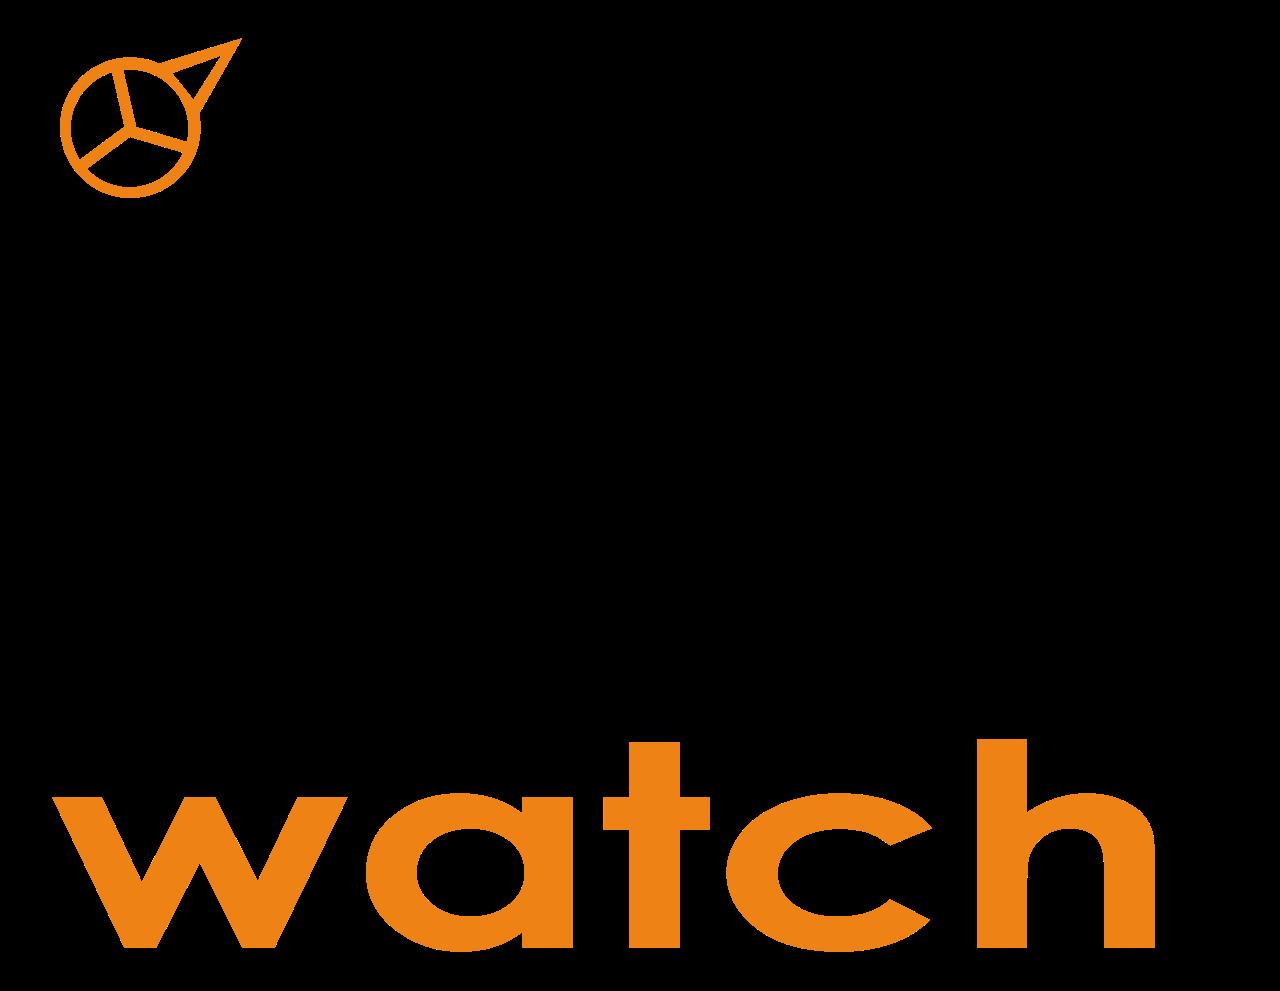 Ice Watch horlogebanden bestel je bij Horloge-Bandjes.nl